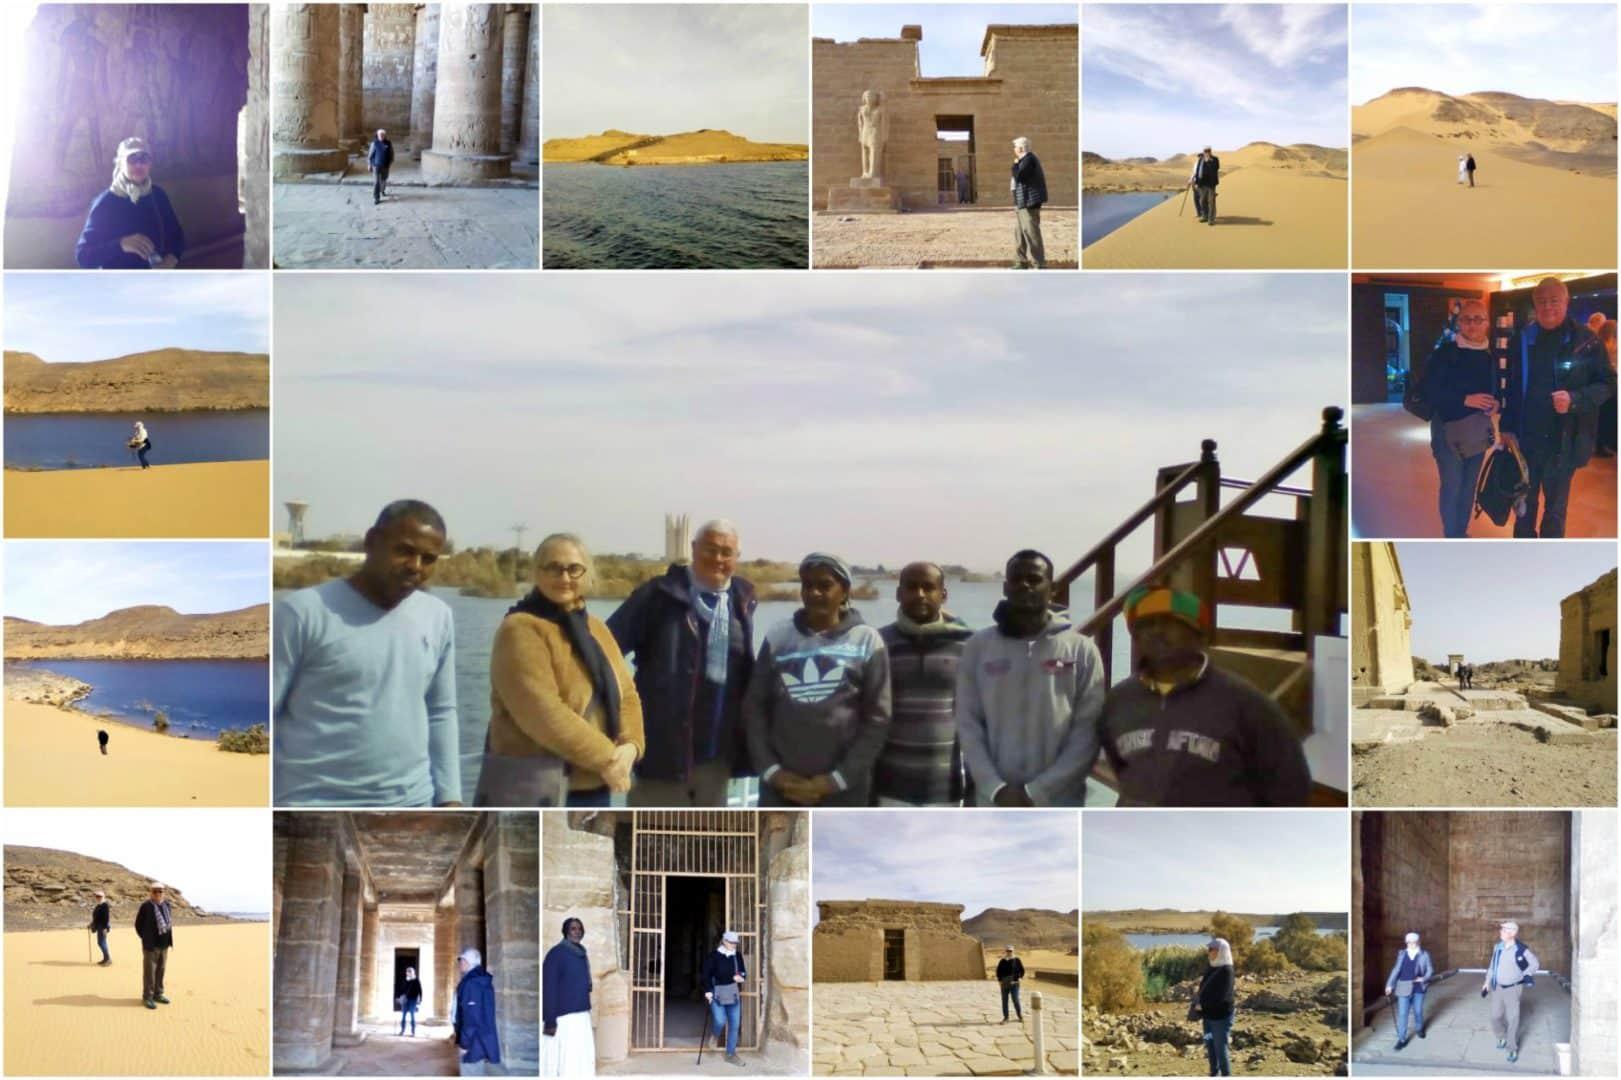 Croisière Egypte petit bateau | Un petit mot vous vous remercier encore (ainsi qu'Ali bien sûr) du très beau voyage